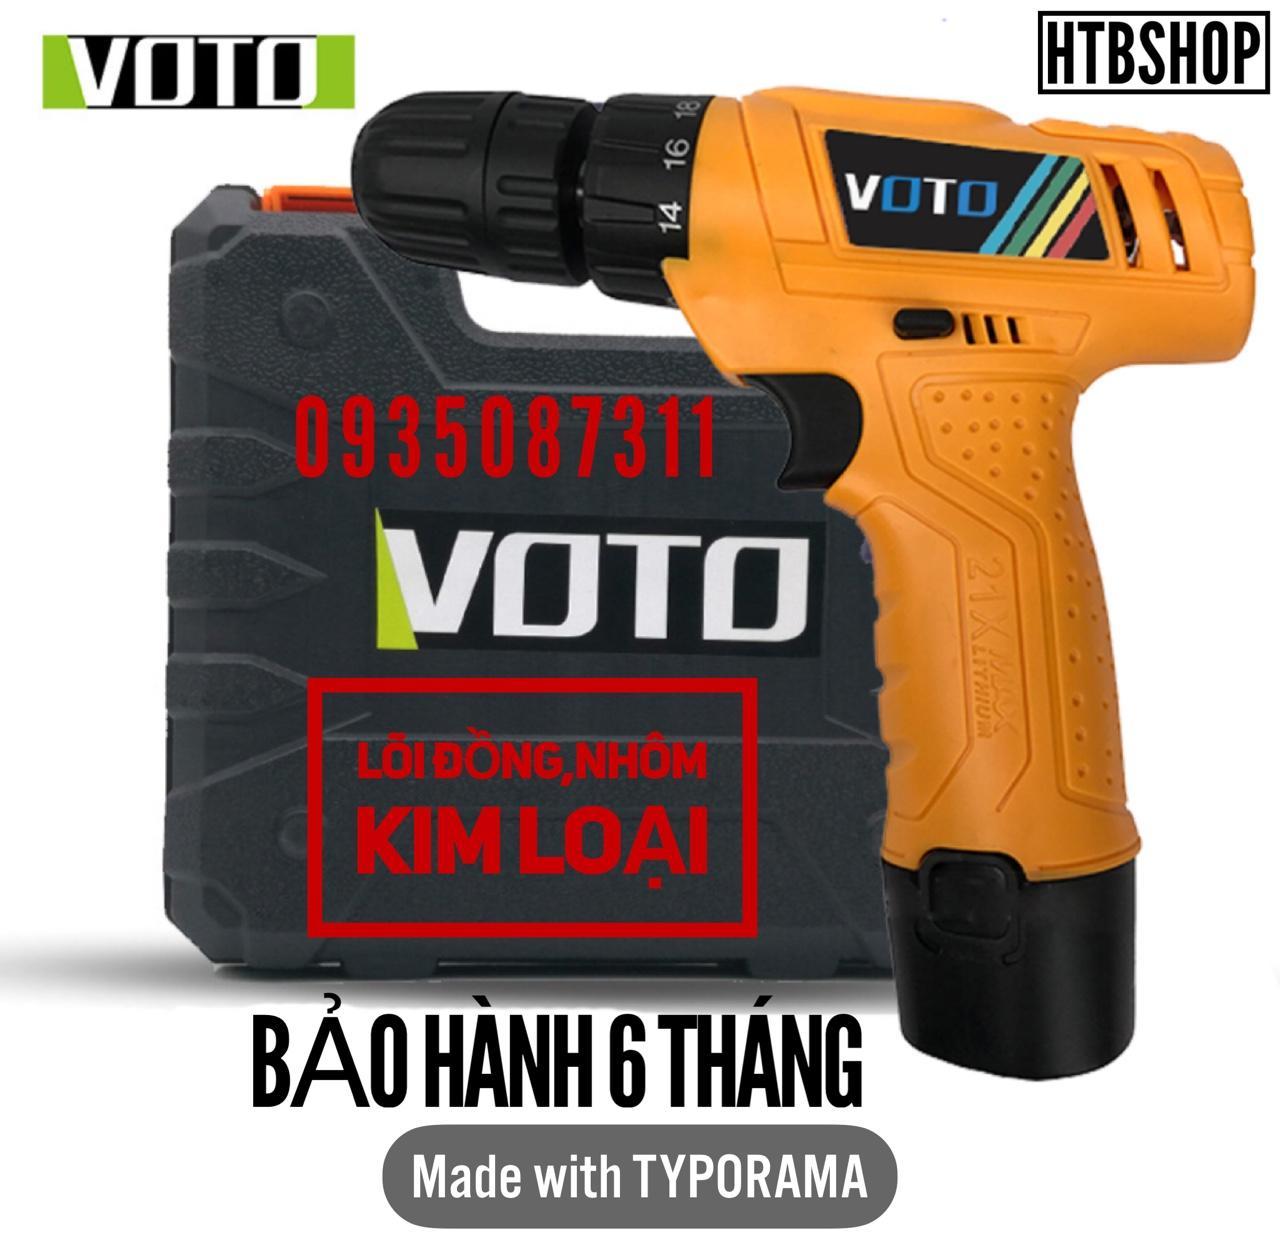 Mát Khoan Pin 12V VOTO,Hộp Nhựa,1 Pin,Mẫu 2018,Mã VT200,Bảo Hành 6 Tháng